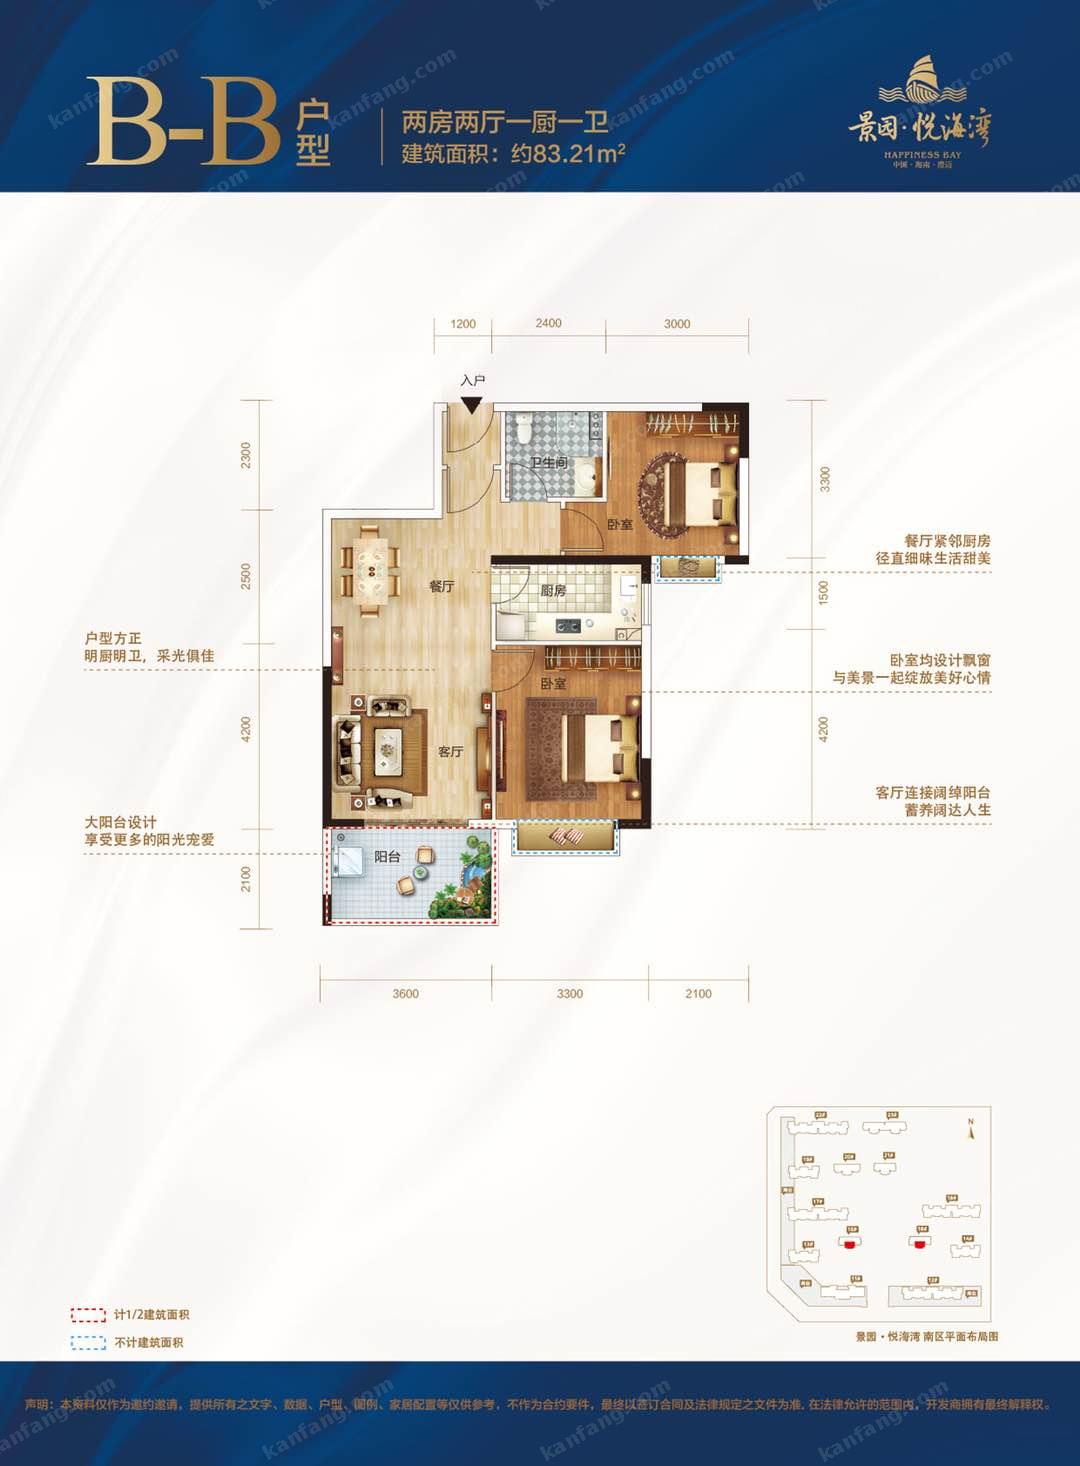 B-B户型83平(两房两厅一厨一卫)